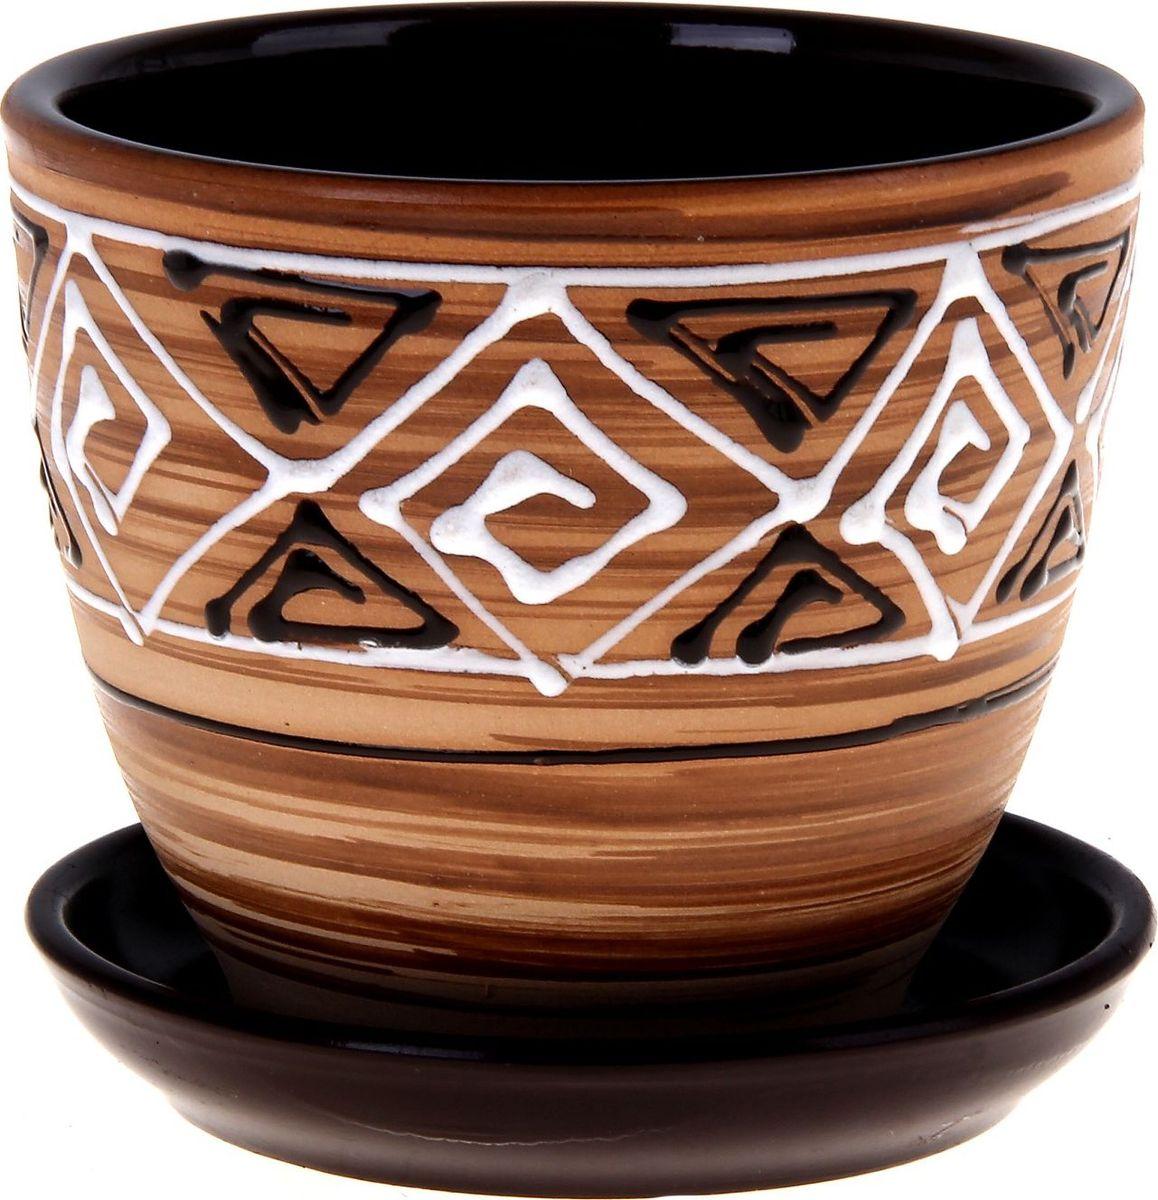 Кашпо Сузорье, 1 л332458Декоративное кашпо, выполненное из высококачественной керамики, предназначено для посадки декоративных растений и станет прекрасным украшением для дома. Пористый материал позволяет испаряться лишней влаге, а воздух, необходимый для дыхания корней, проникает сквозь керамические стенки. Такое кашпо украсит окружающее пространство и подчеркнет его оригинальный стиль.